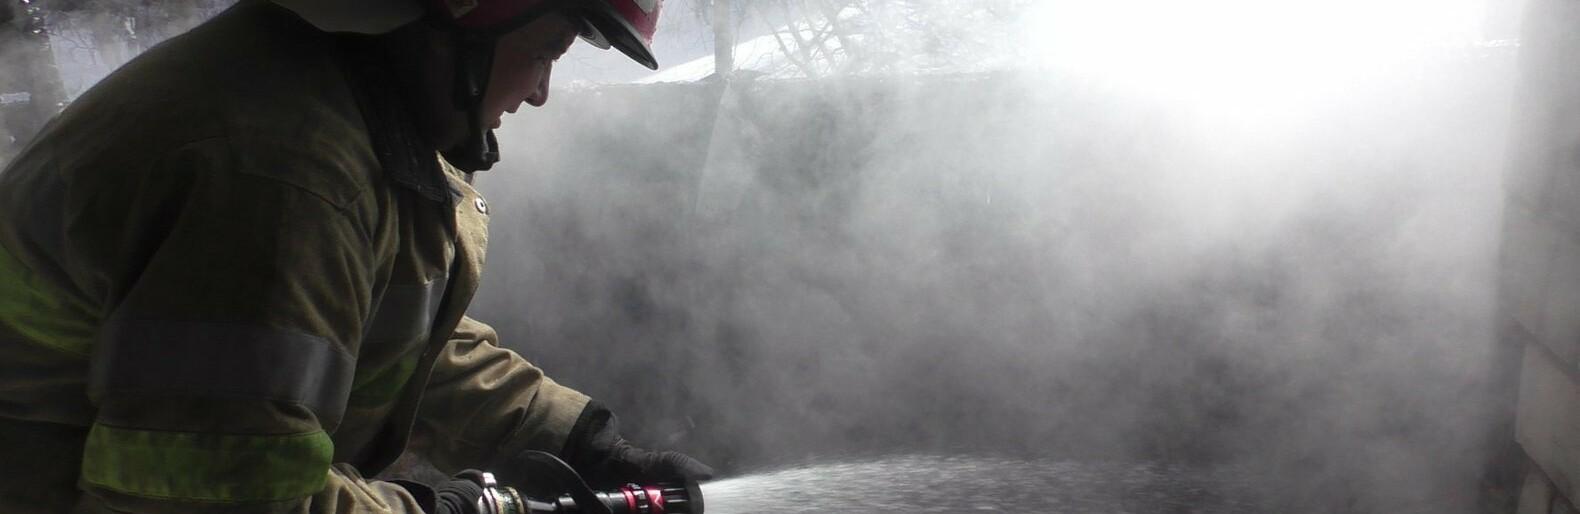 Піднавіс та 4 тонни сіна знищив вогонь у буковинському селі